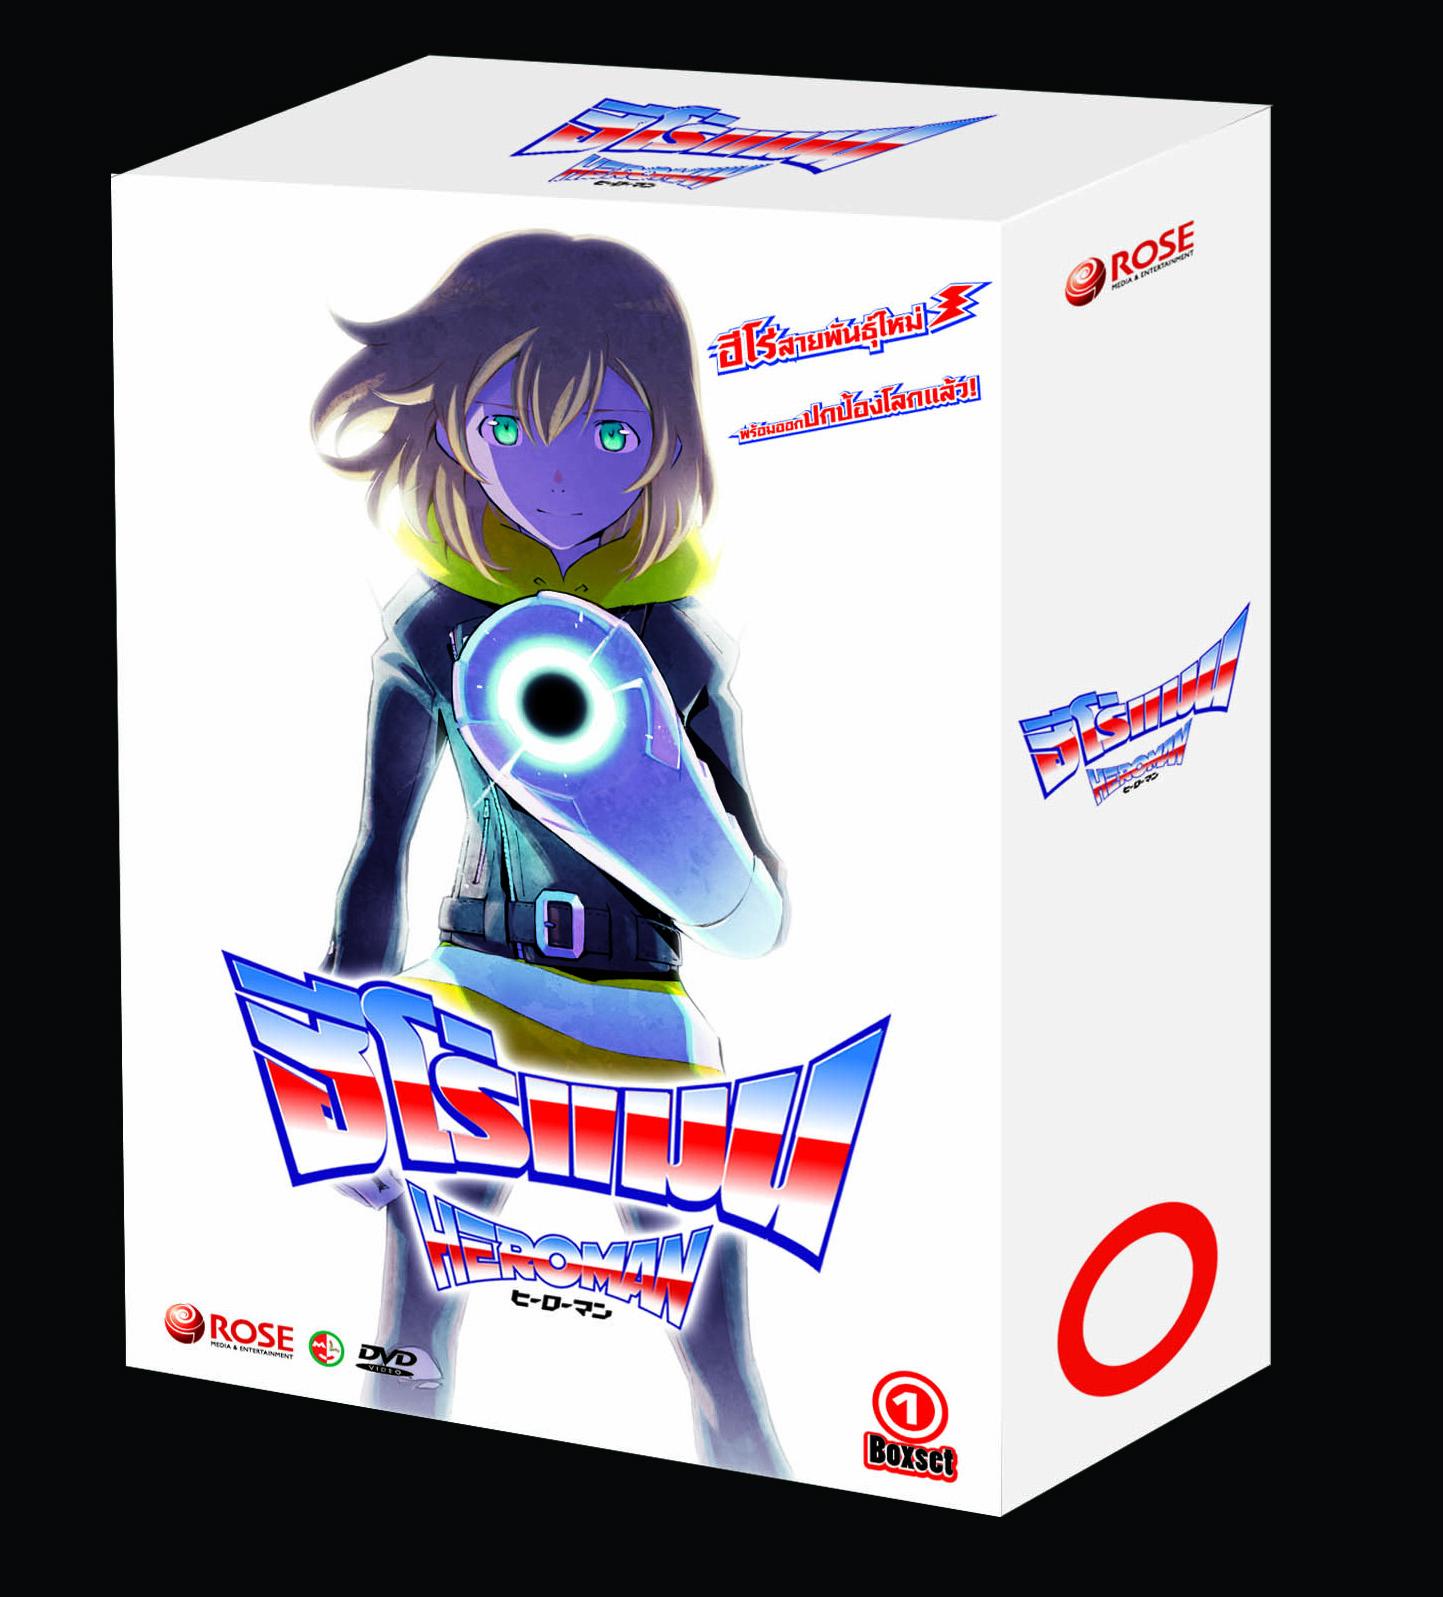 DVDฮีโร่แมน แพ็คเซ็ท1 แถม Booklet (3แผ่น/ตอนที่1-8)